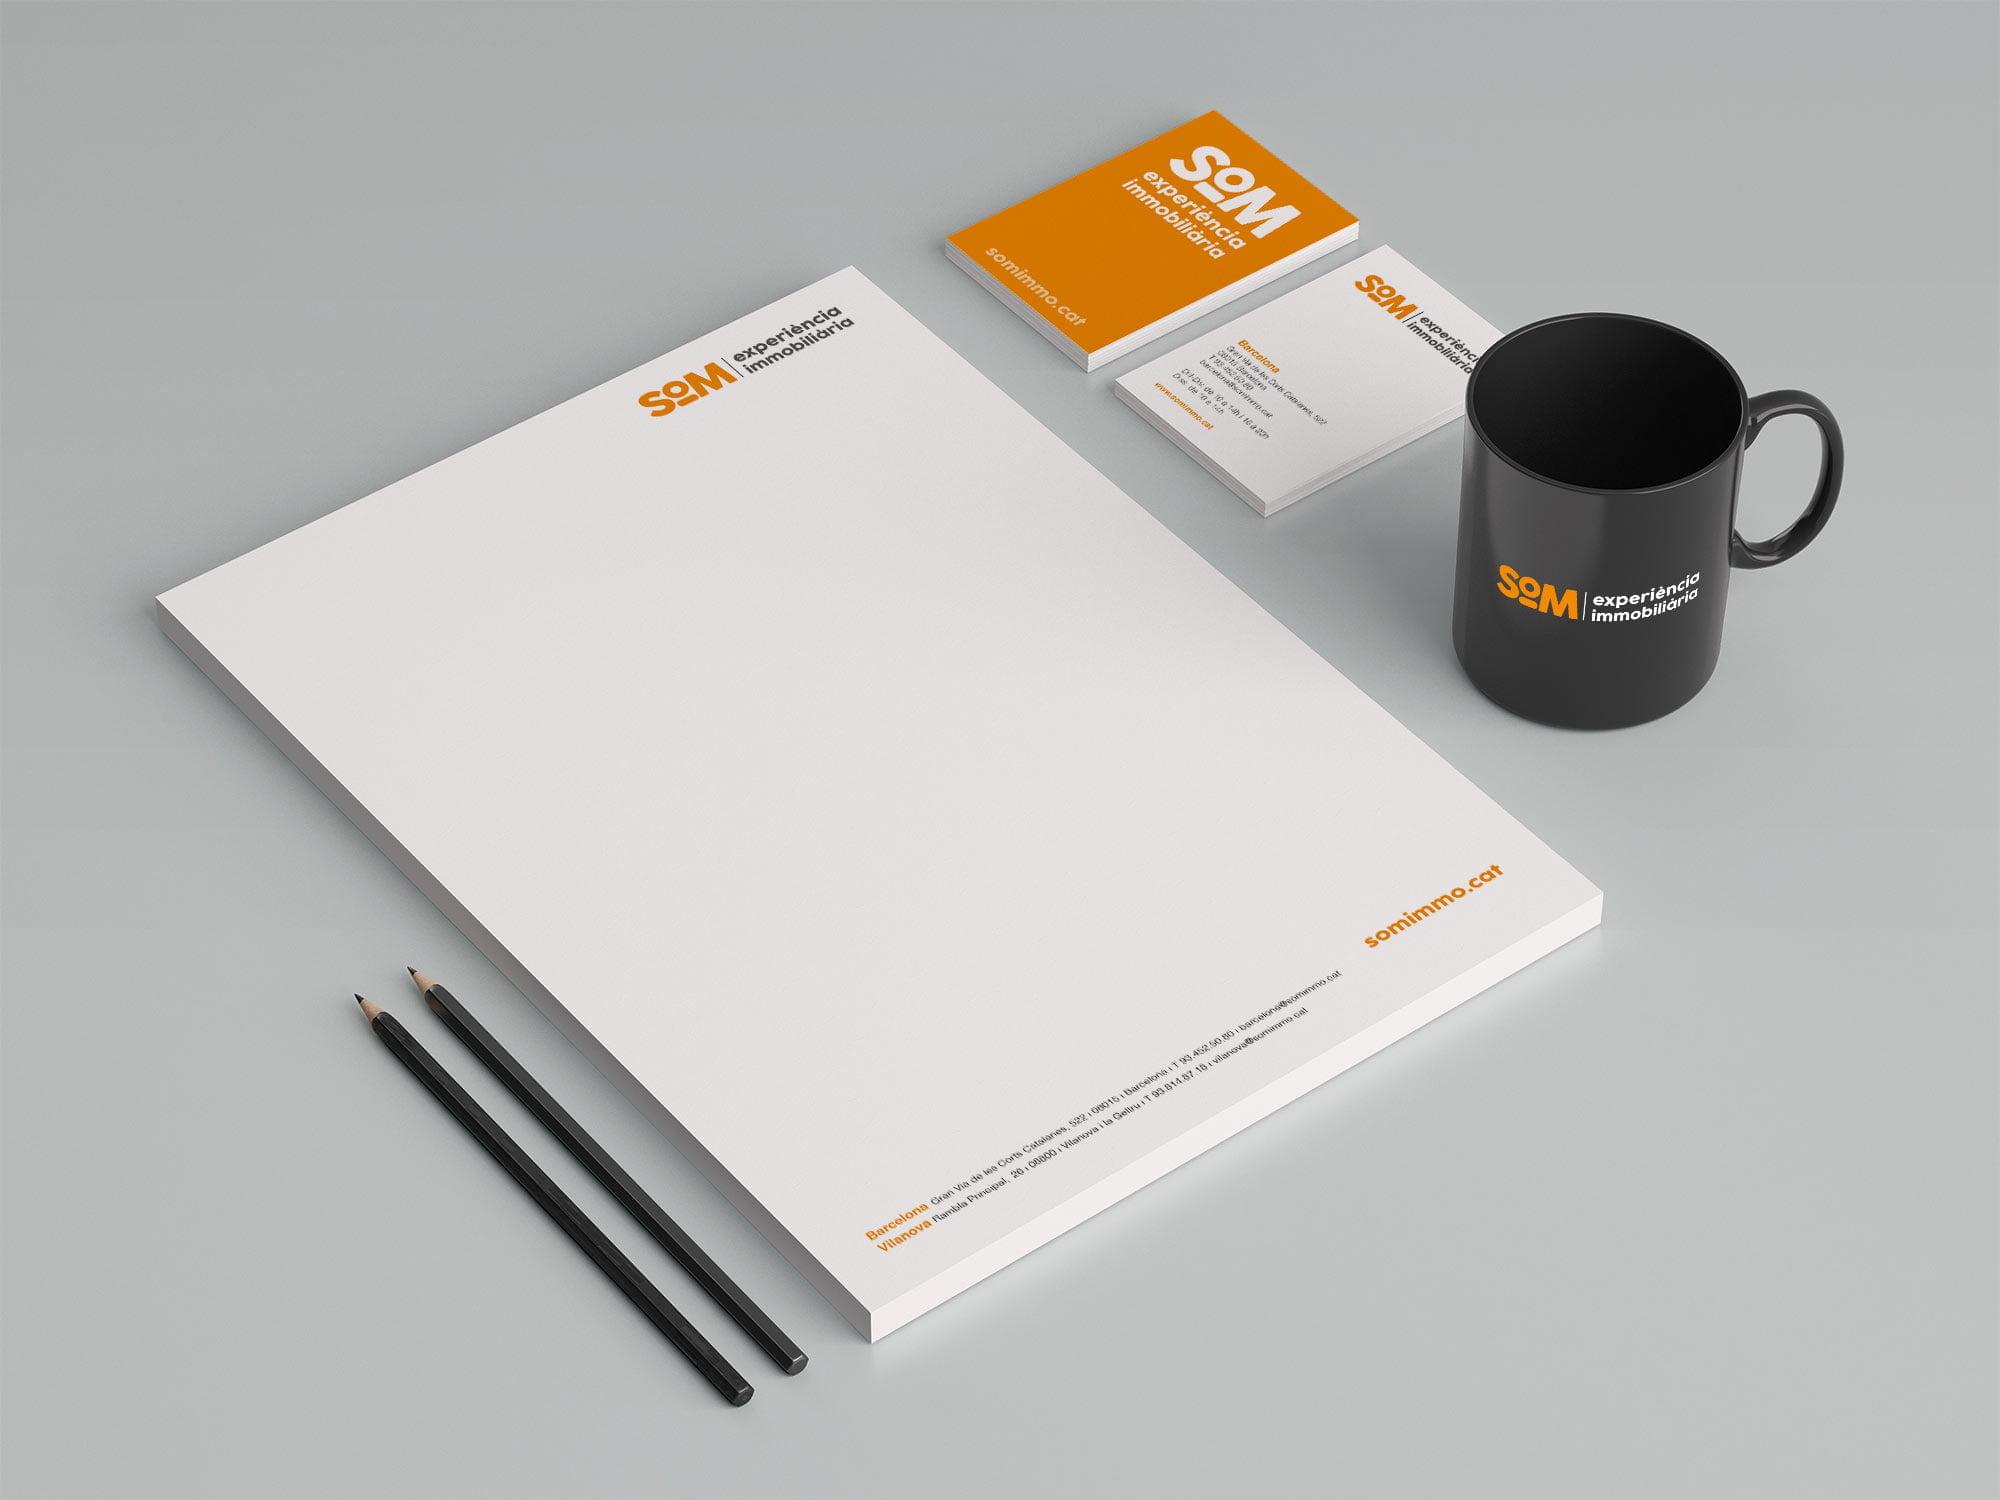 diseno branding estudio en barcelona SOM - Proyecto de comunicación, diseño y branding 360º